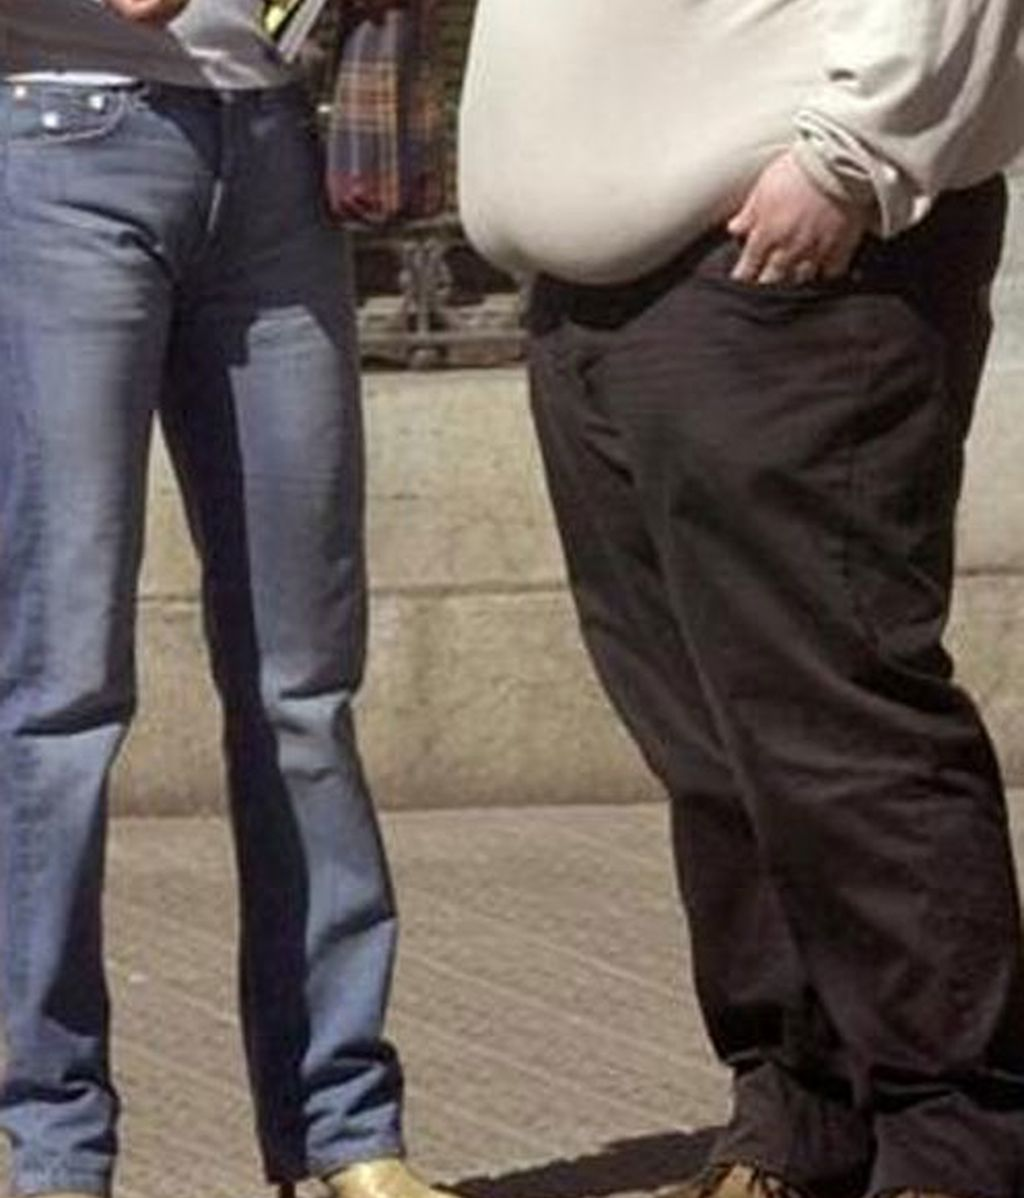 Los adolescentes obesos tienen más probabilidades de sufrir cáncer cuando son adultos.